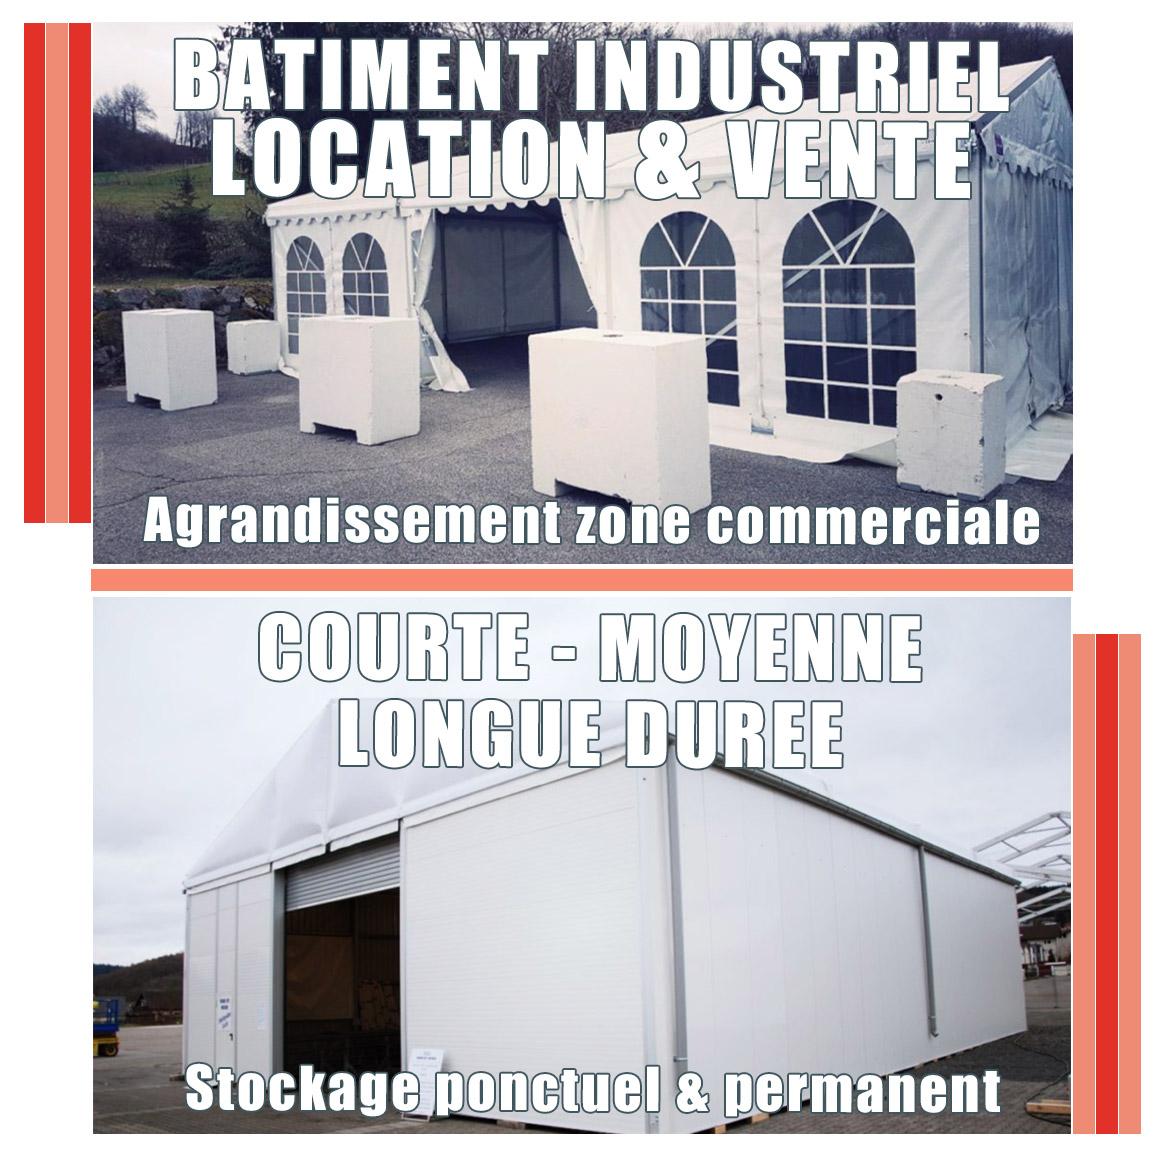 Bâtimentindustriel etcommercial Professionnels et industriels location courte moyenne et longue durée